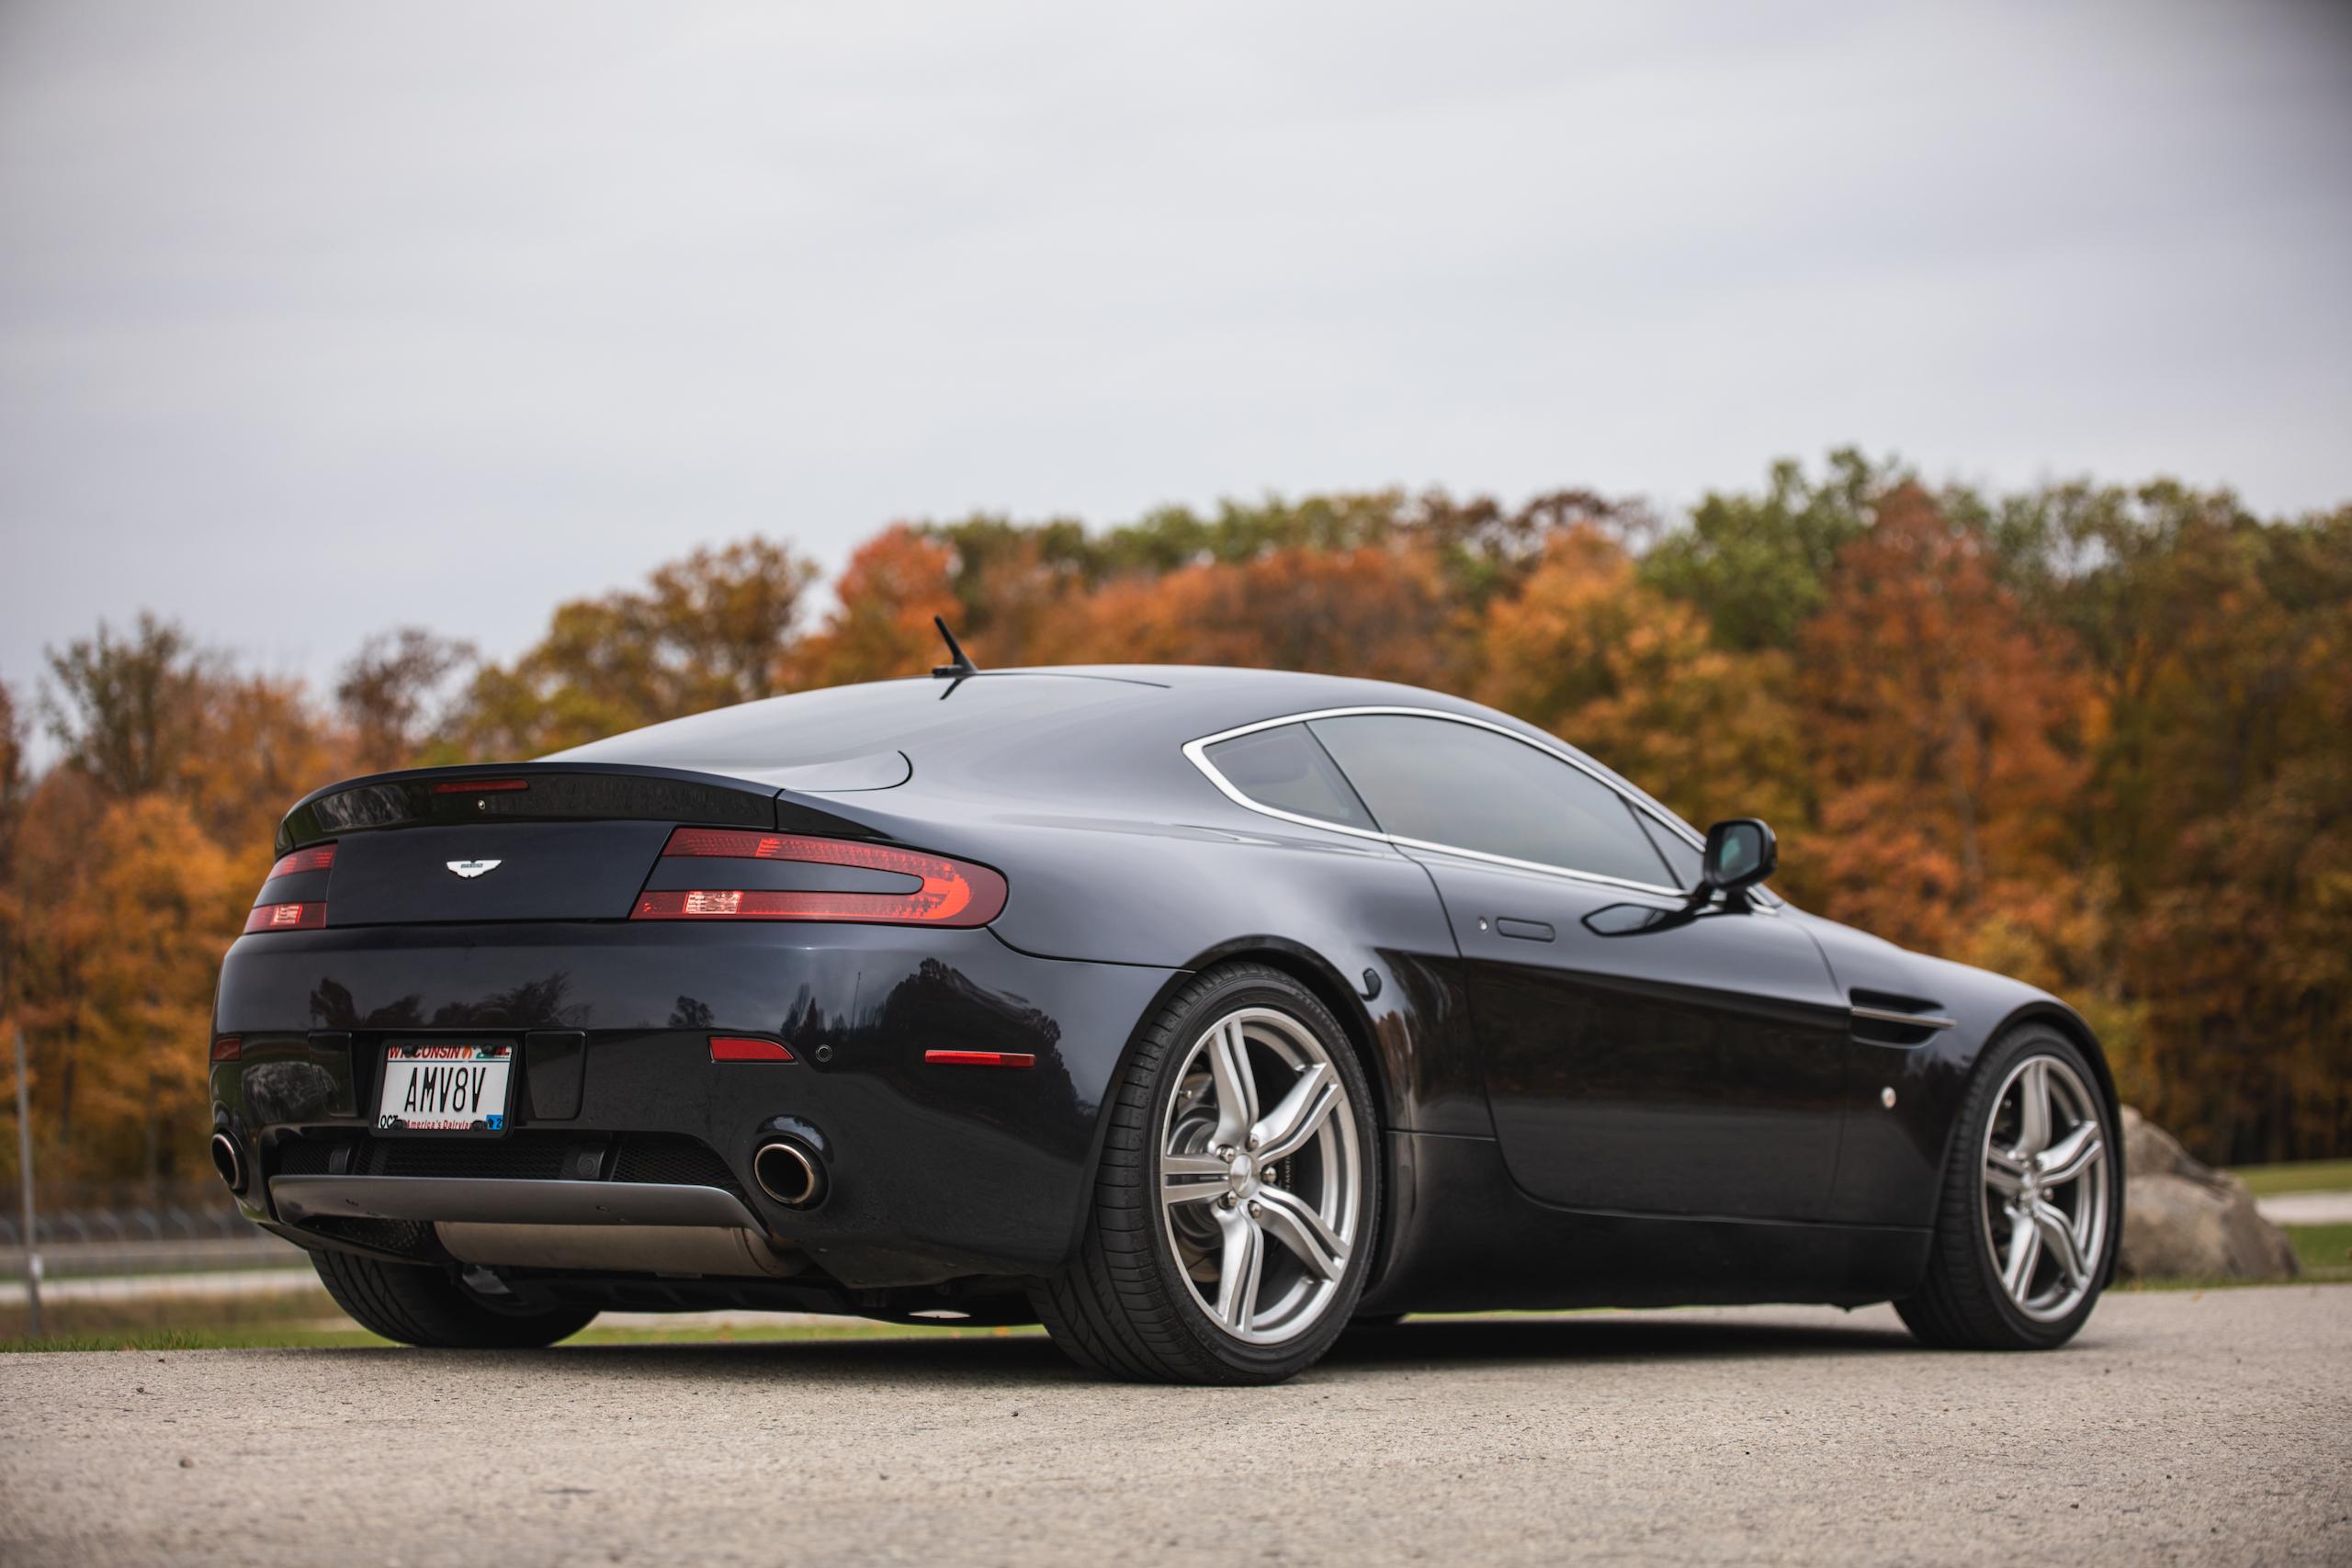 2007 Aston Martin Vantage V8 rear three-quarter